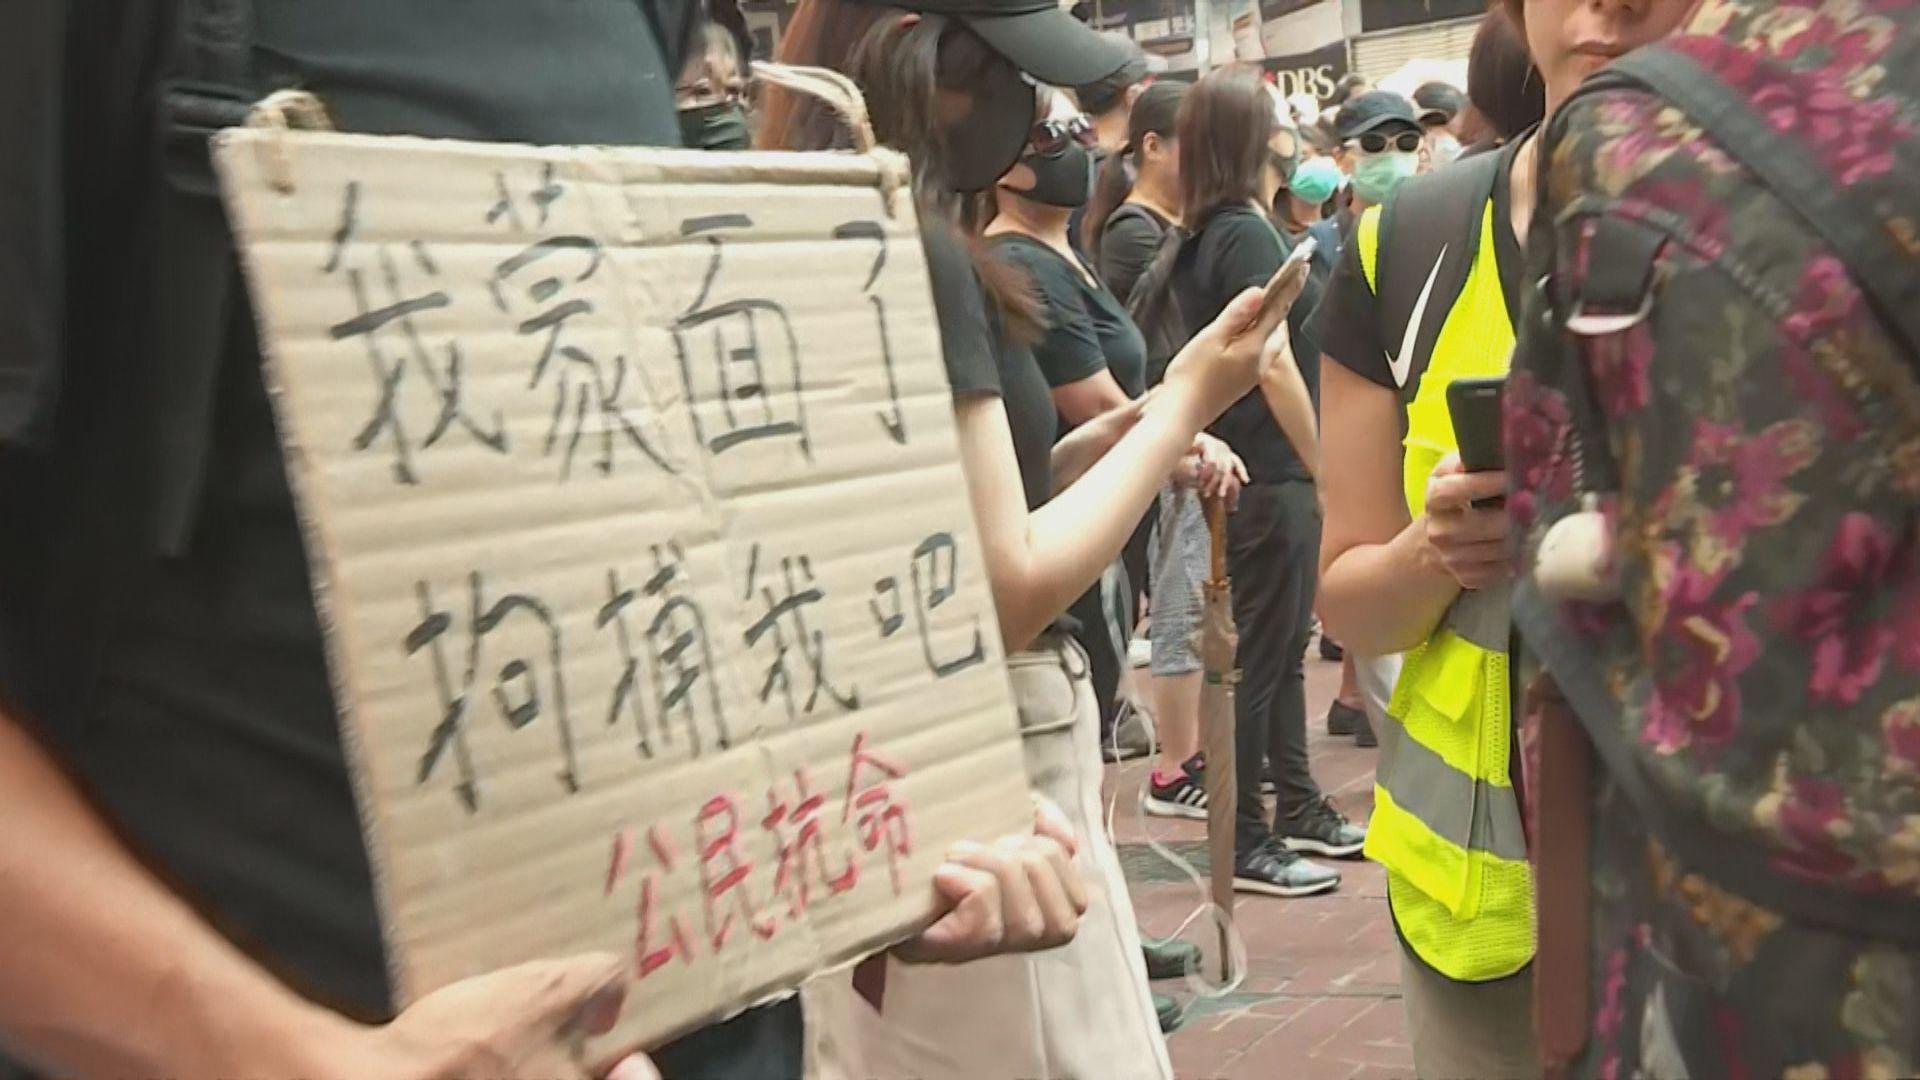 鄭若驊指禁蒙面法對市民權利的干擾極為有限